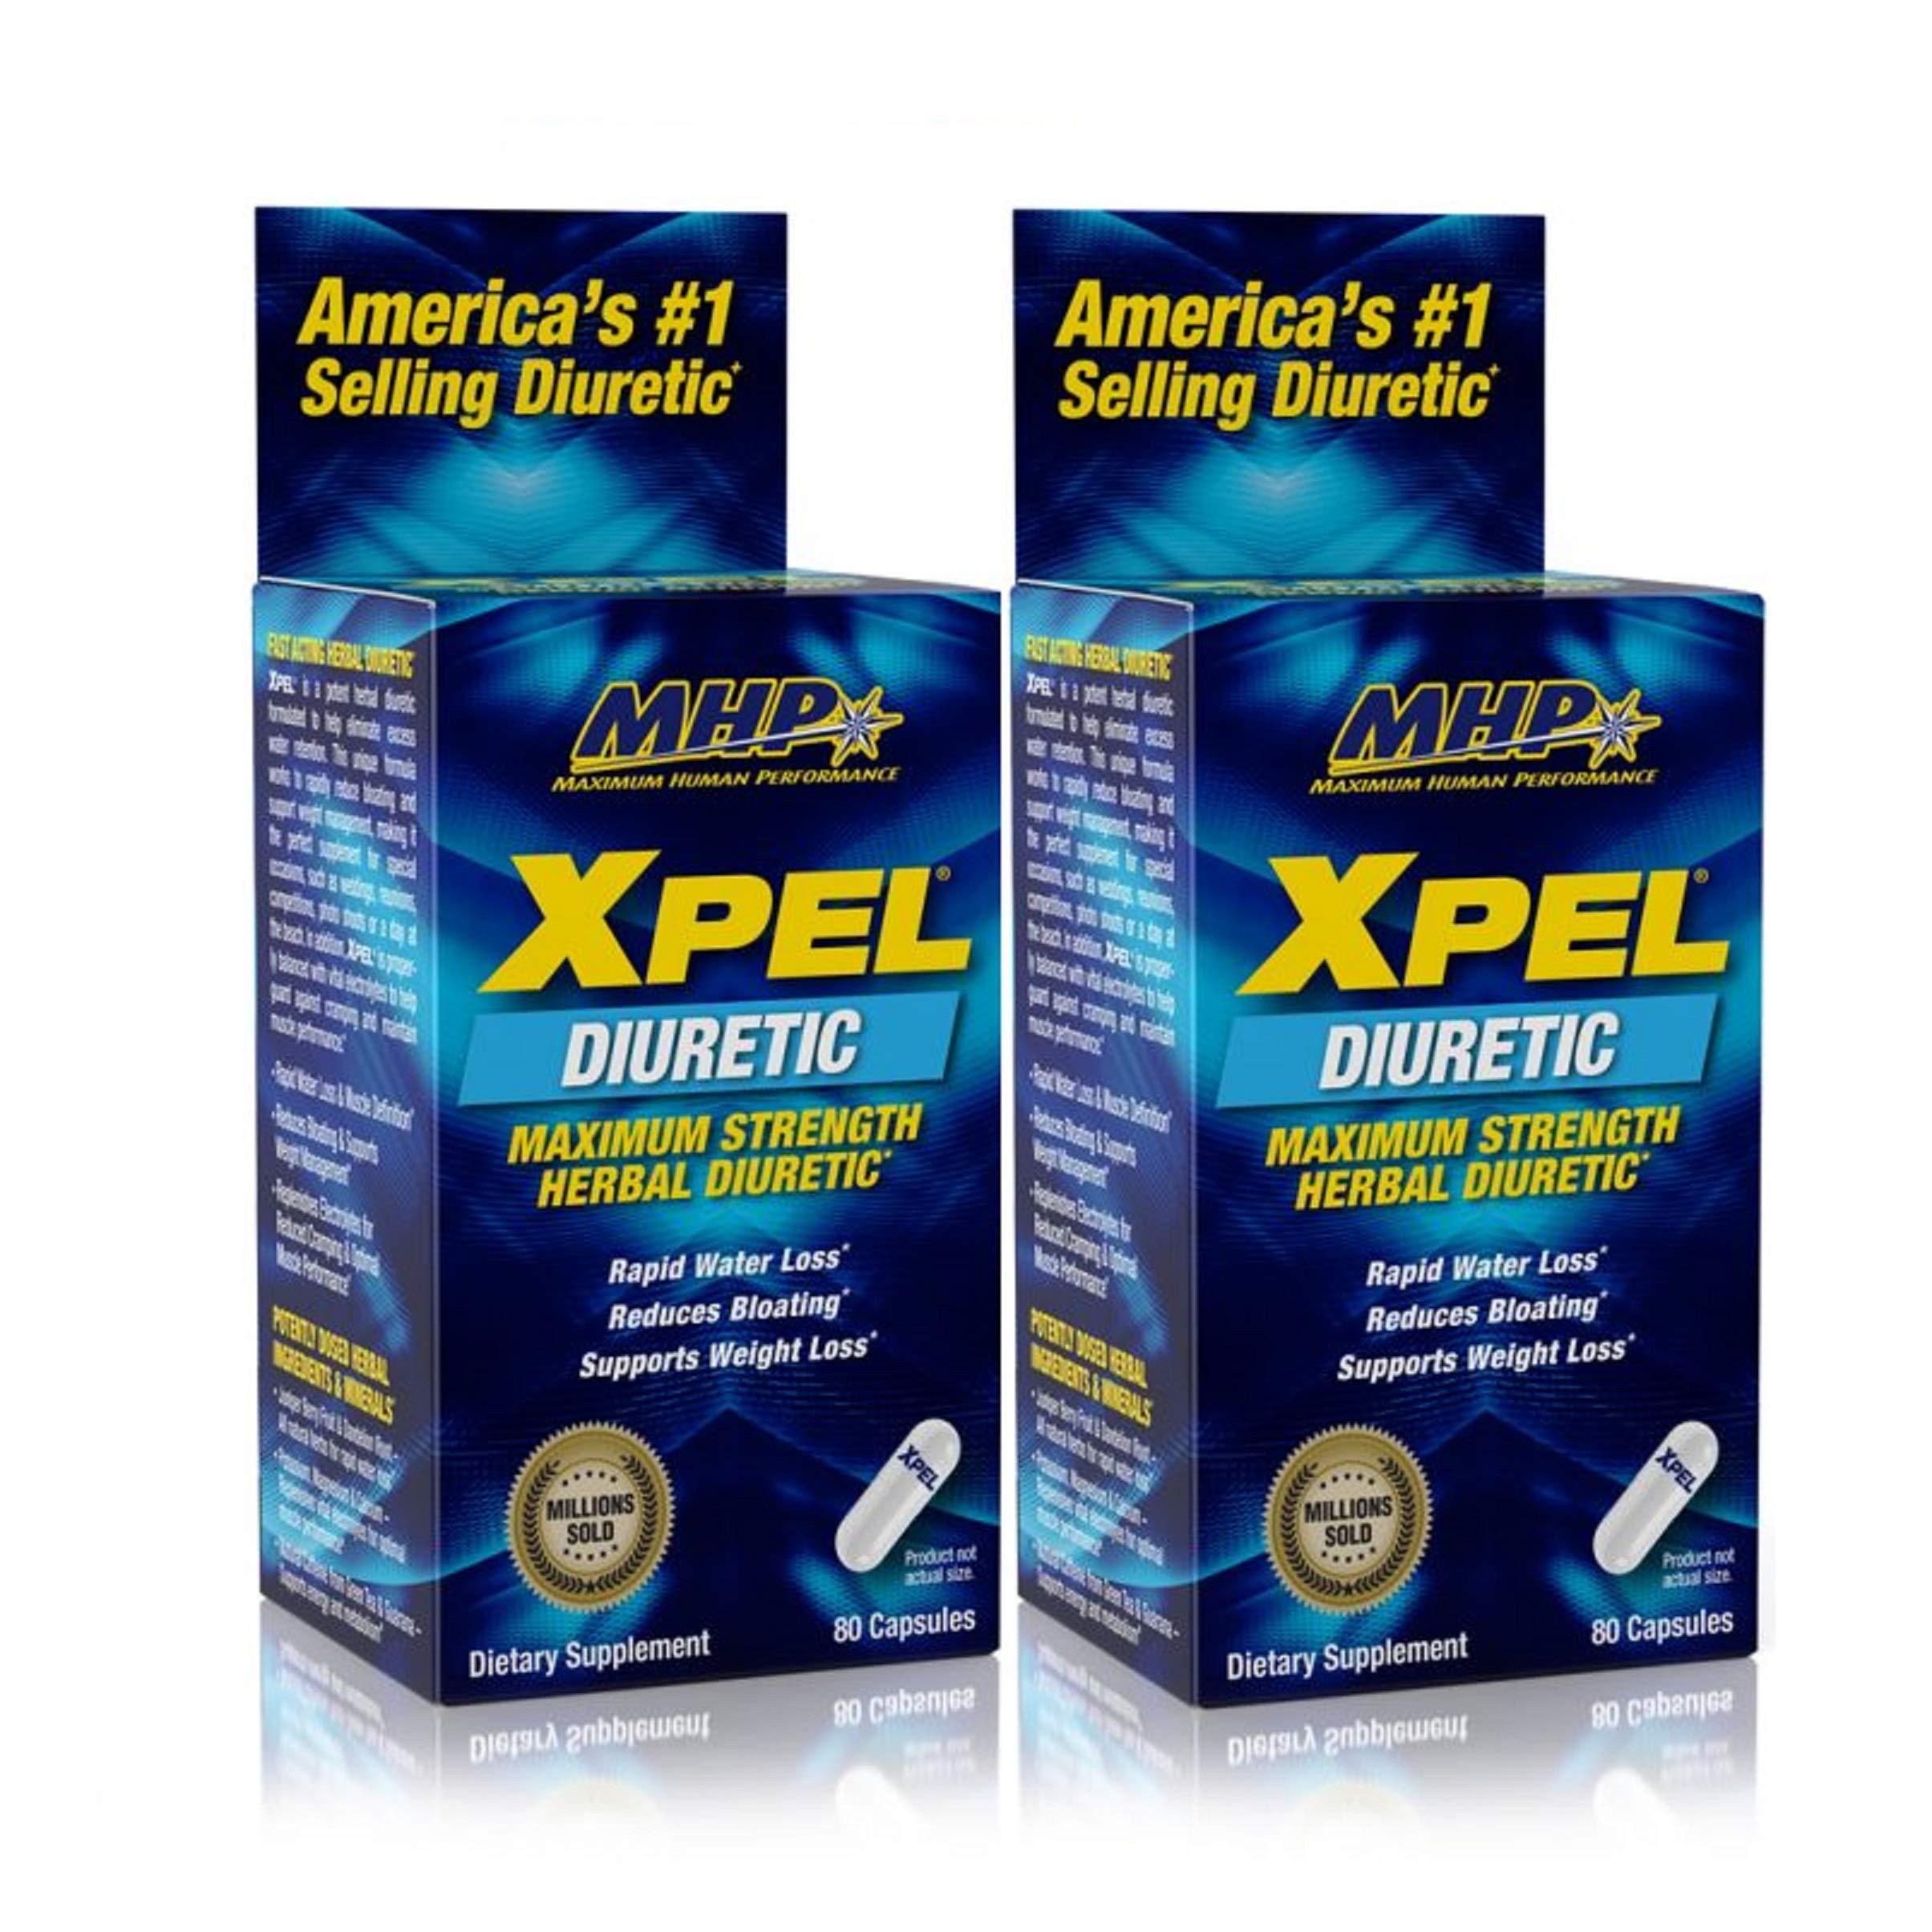 MHP Xpel Maximum Strength Diuretic Capsules, 80 Count (Pack of 2) (Packaging May Vary)